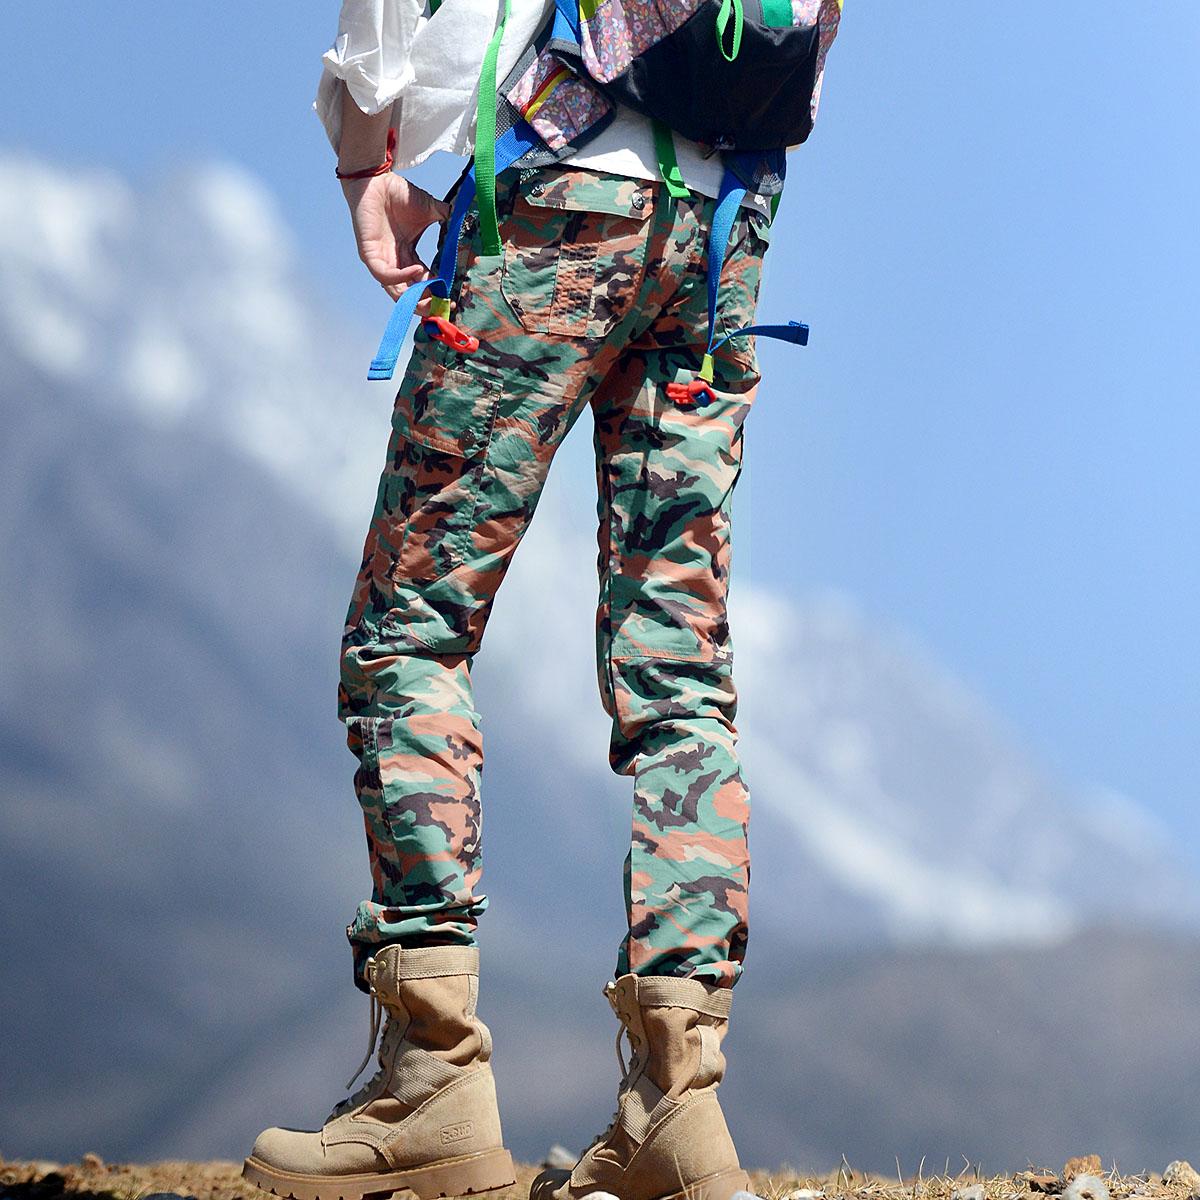 Пекин лес на открытом воздухе новый камуфляж быстросохнущие брюки защита от ультрафиолетовых лучей воздухопроницаемый тонкий брюки больше мешок женский